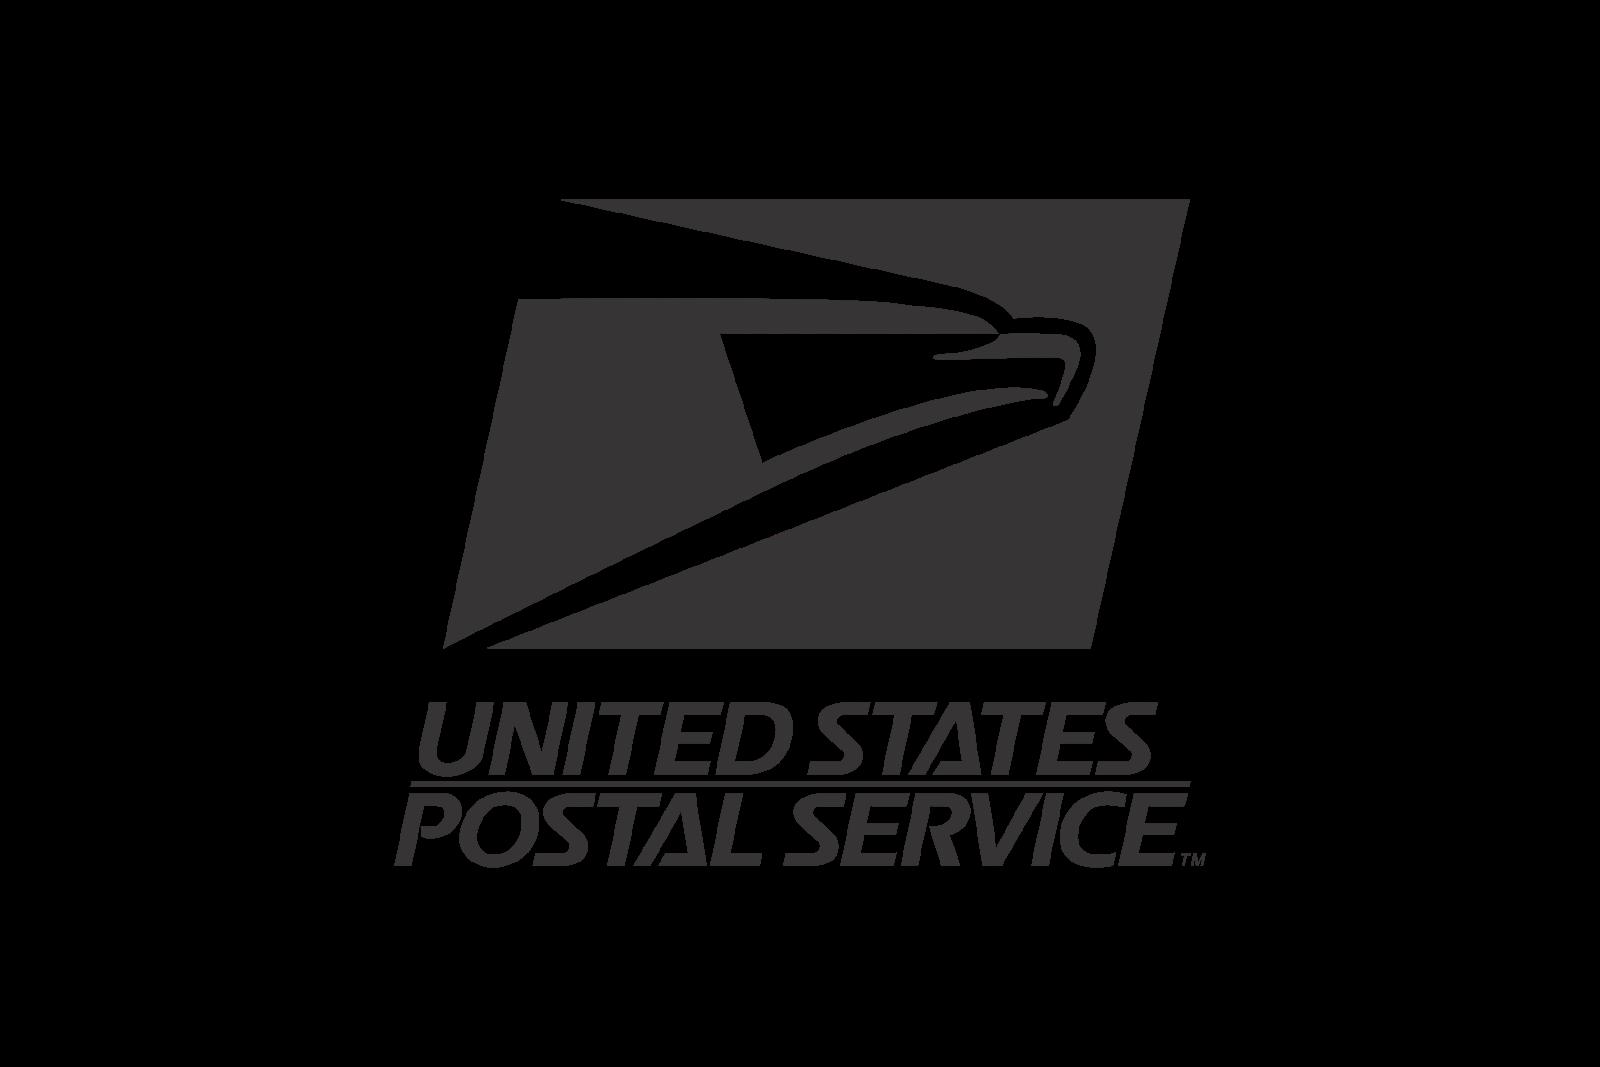 Post Office Logo Vector